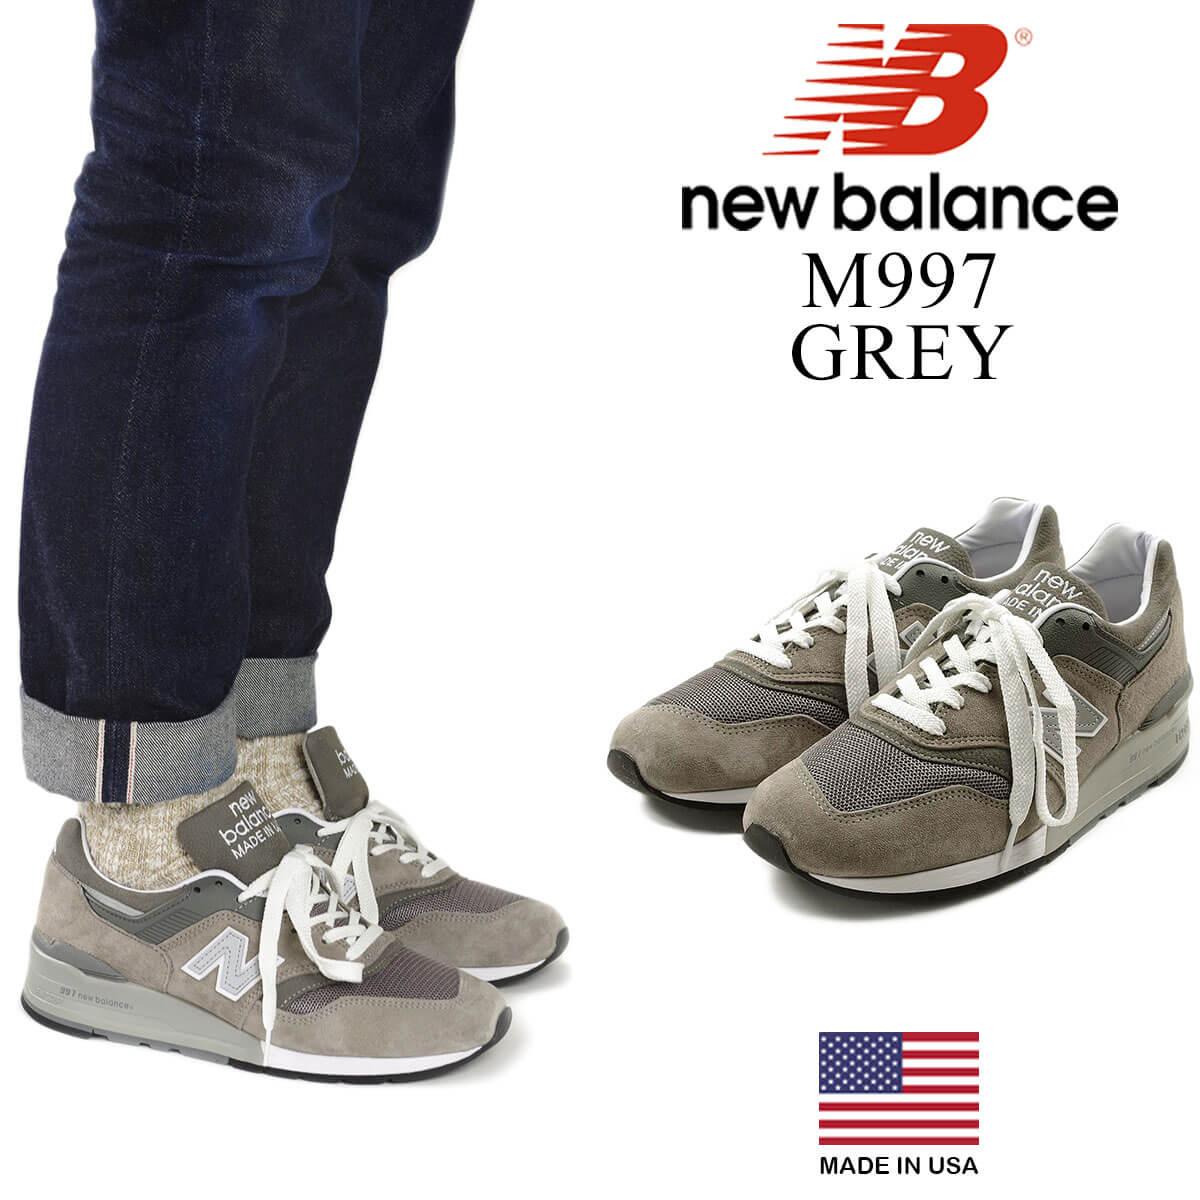 ニューバランス new balance M997GY グレー (米国製 日本未発売 MADE IN USA アメリカ製)